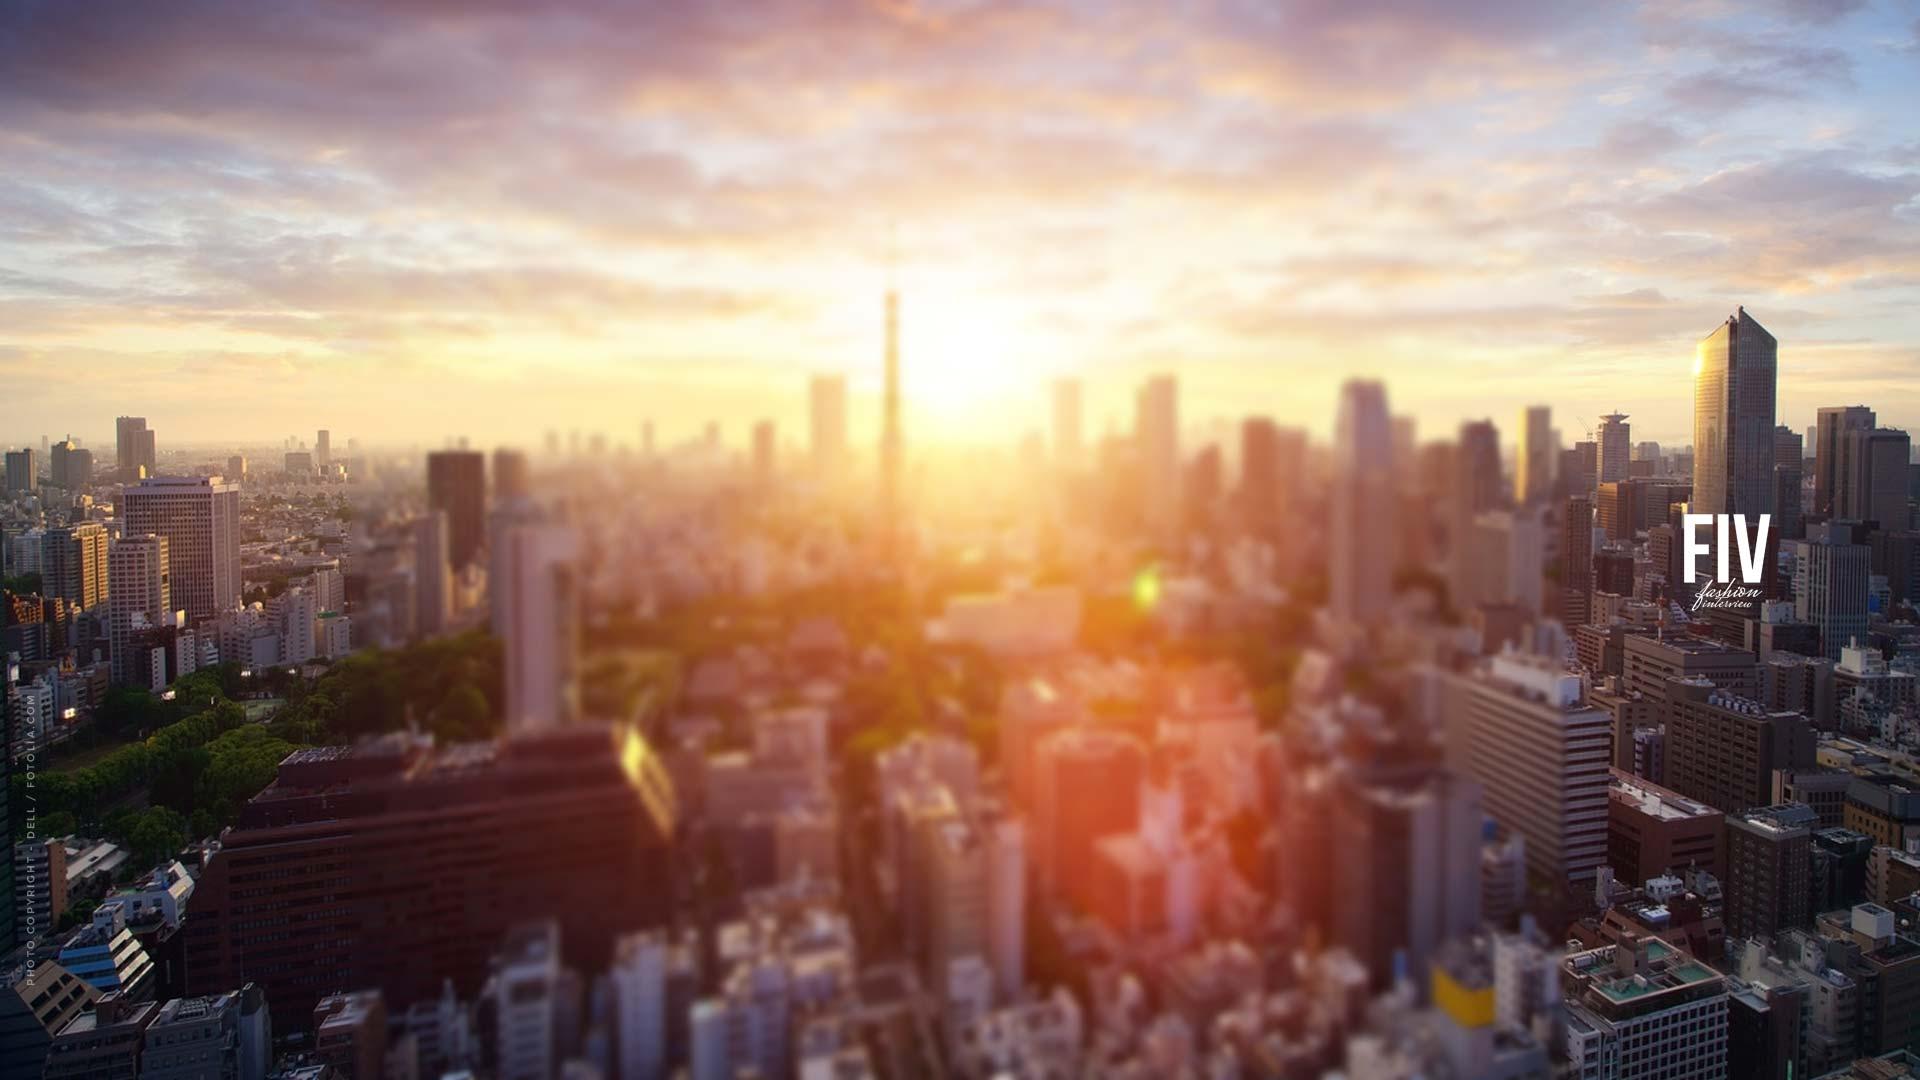 Immobilier de placement de capital - l'argent à long terme dans l'immobilier d'investissement de biens immobiliers